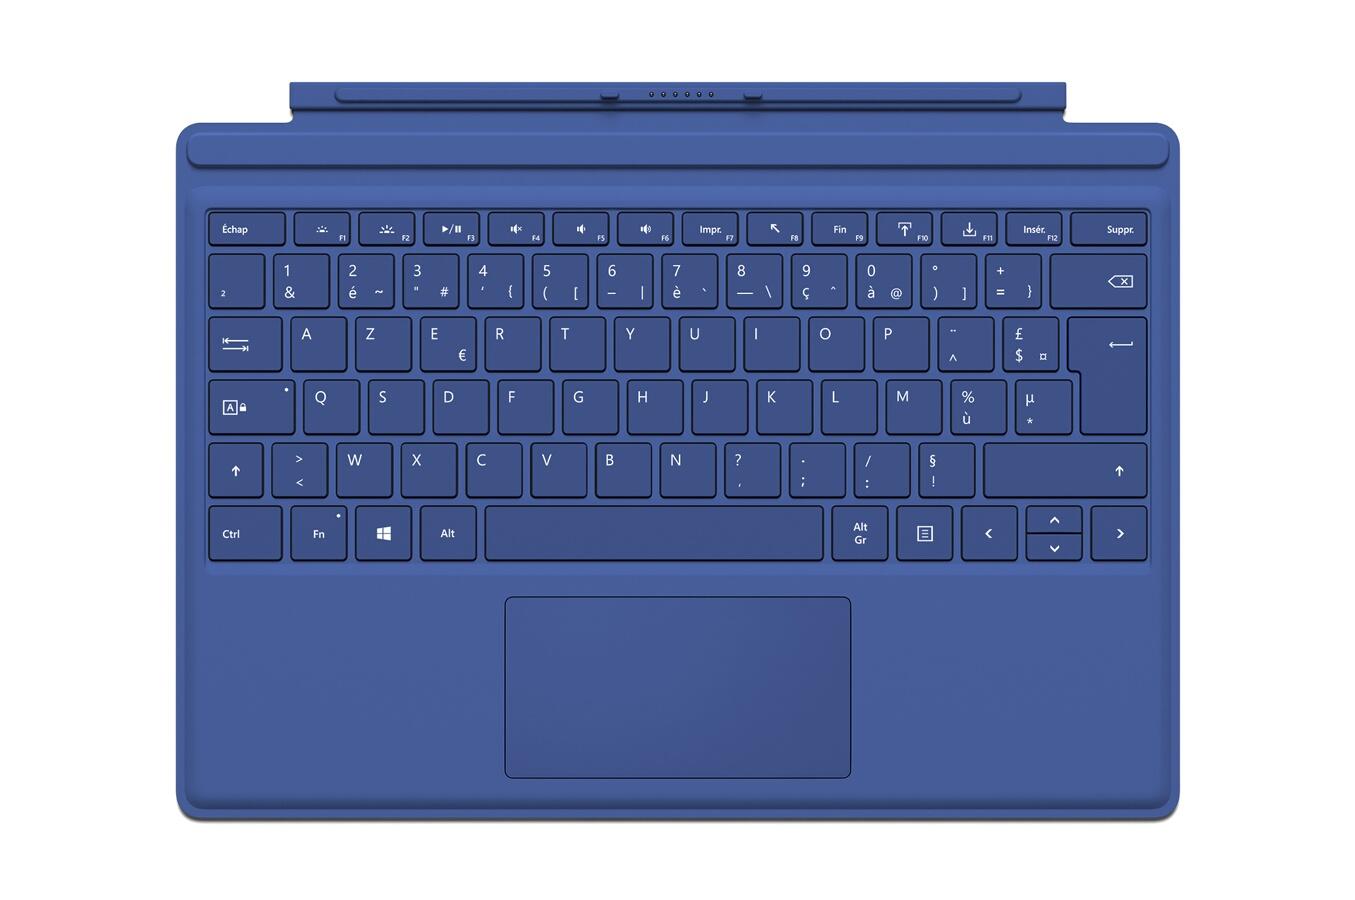 Changer le type de clavier sur le jeux de voiture for Raccourci clavier changer de fenetre